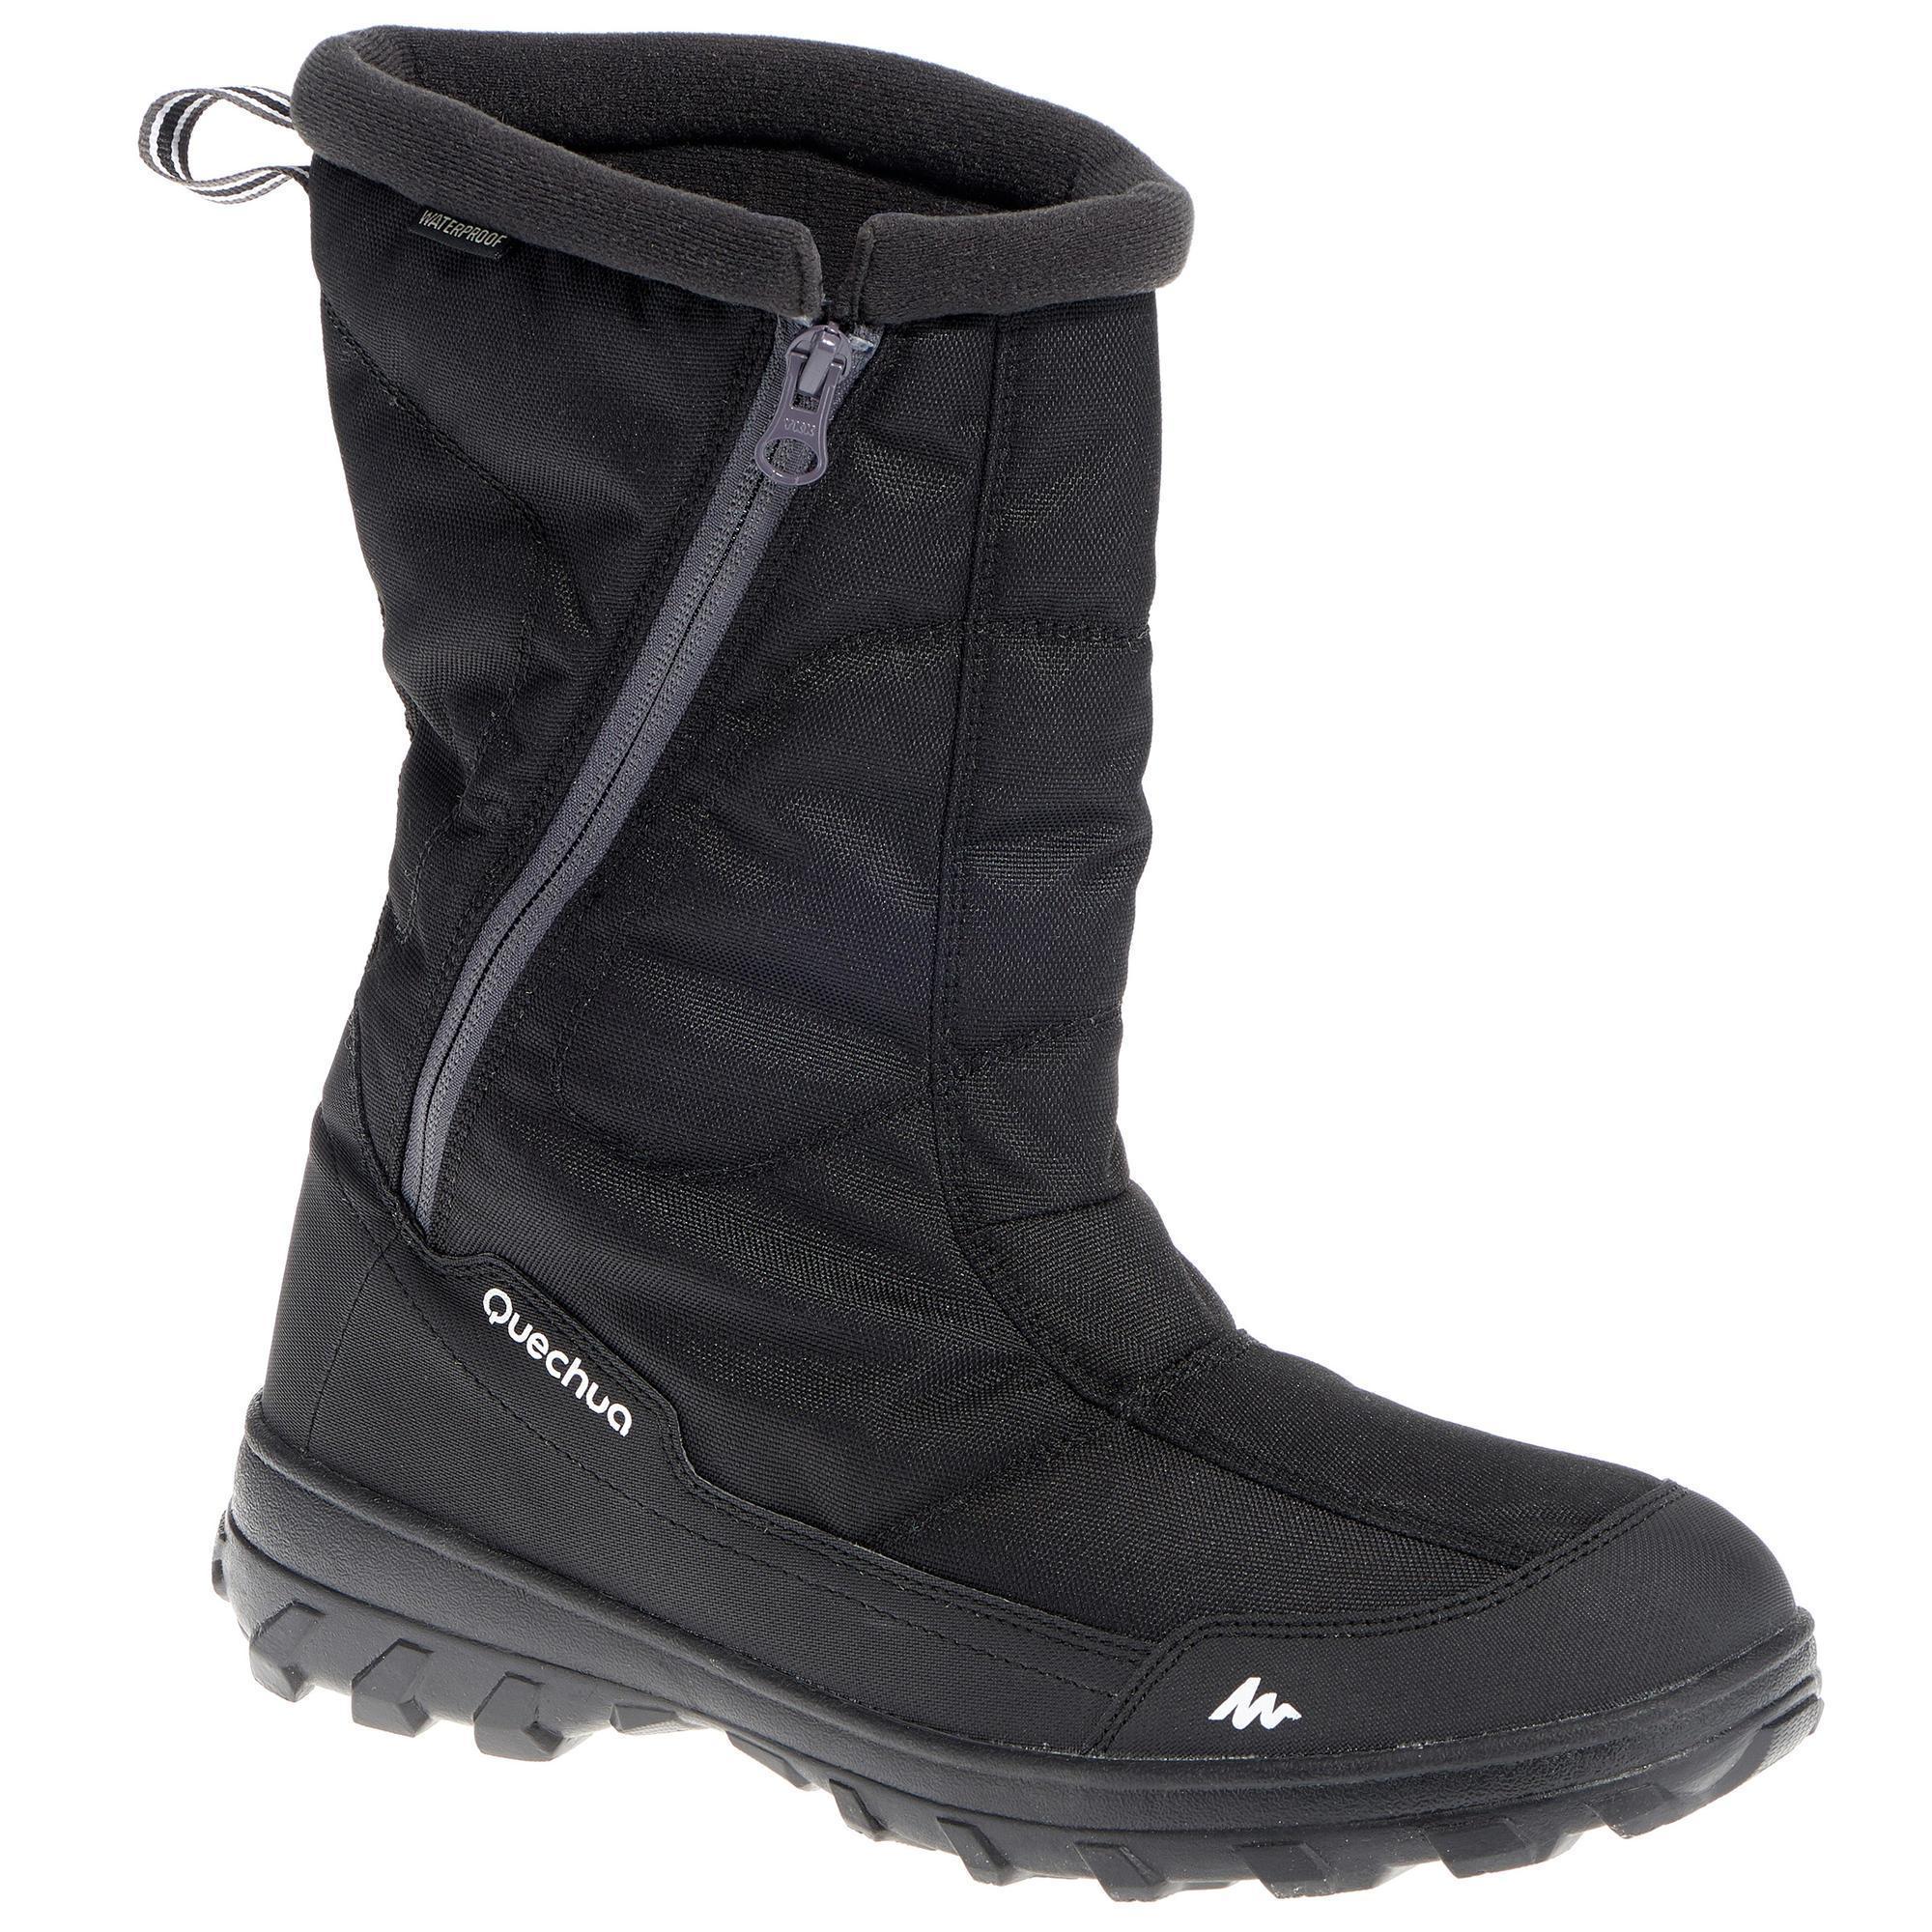 Quechua Heren wandellaarzen voor de sneeuw SH100 X-warm